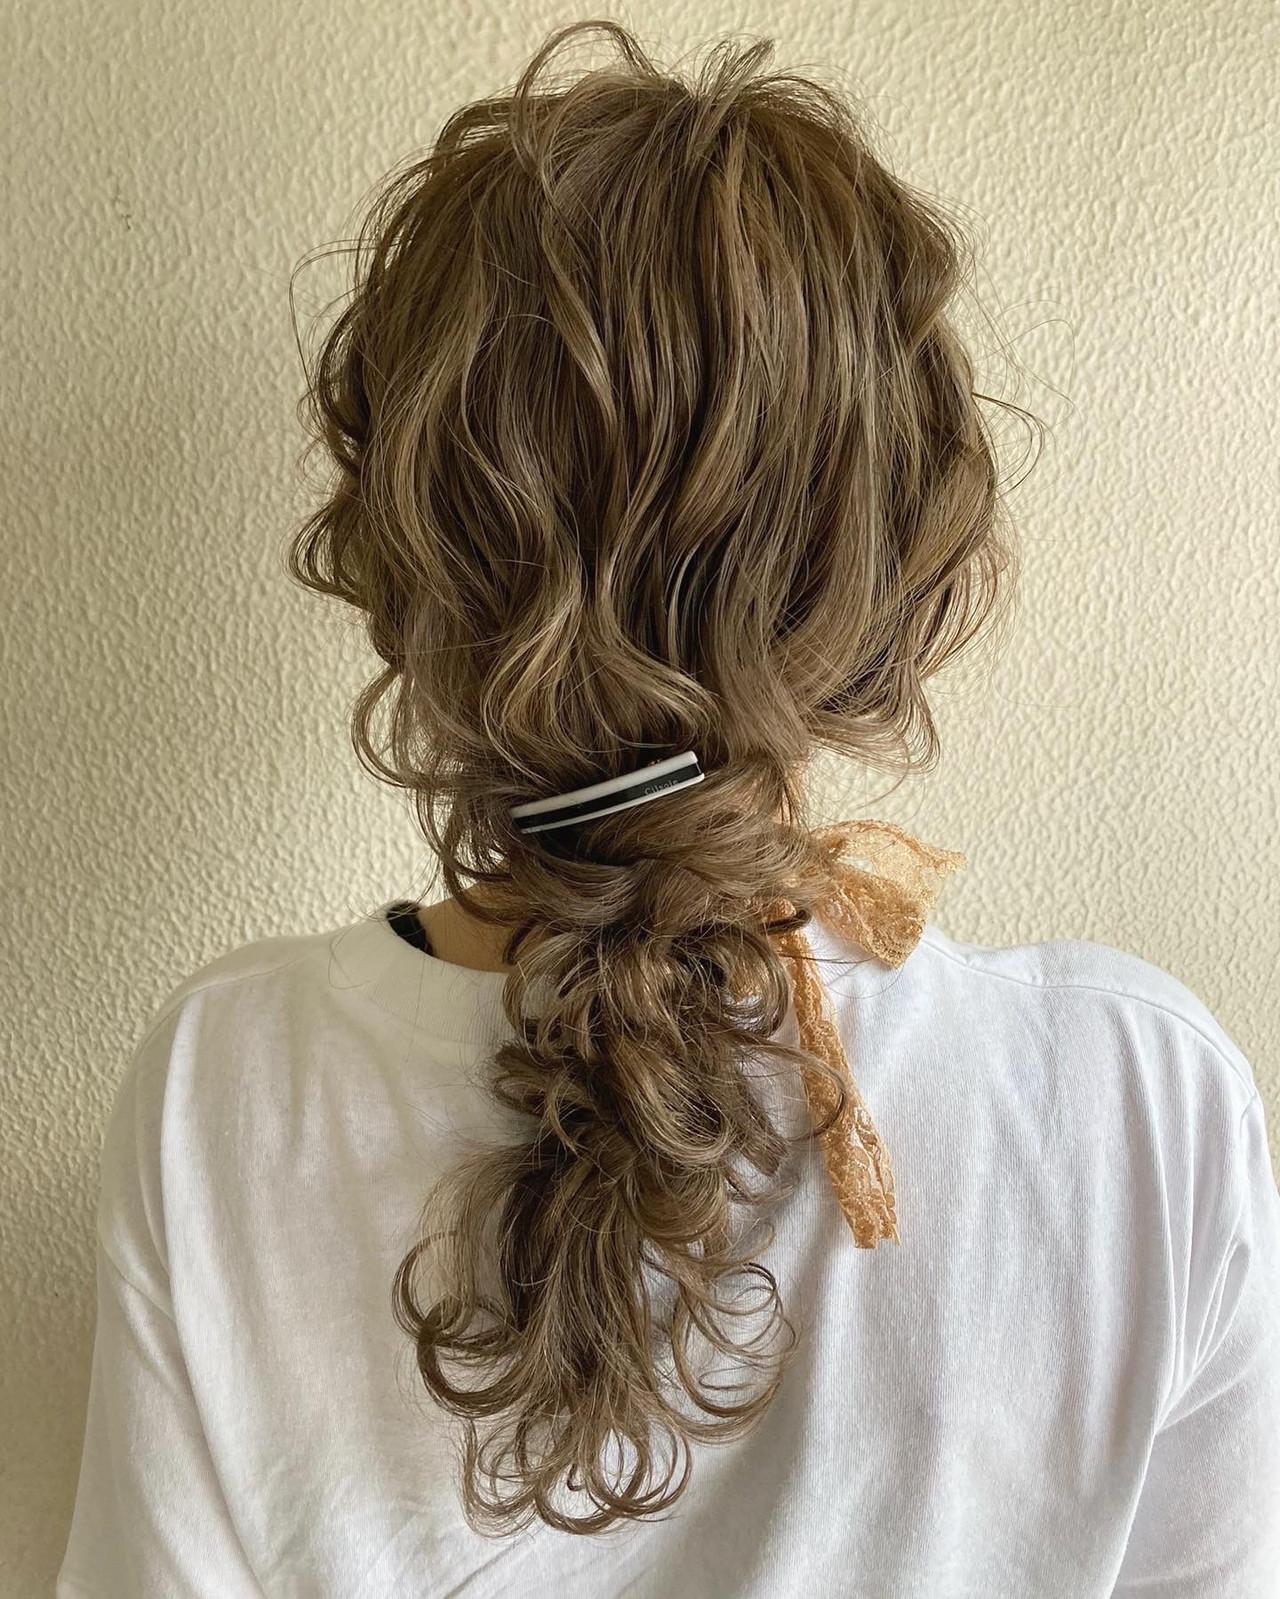 ガーリー ポニーテール ハイトーンカラー インナーカラー ヘアスタイルや髪型の写真・画像